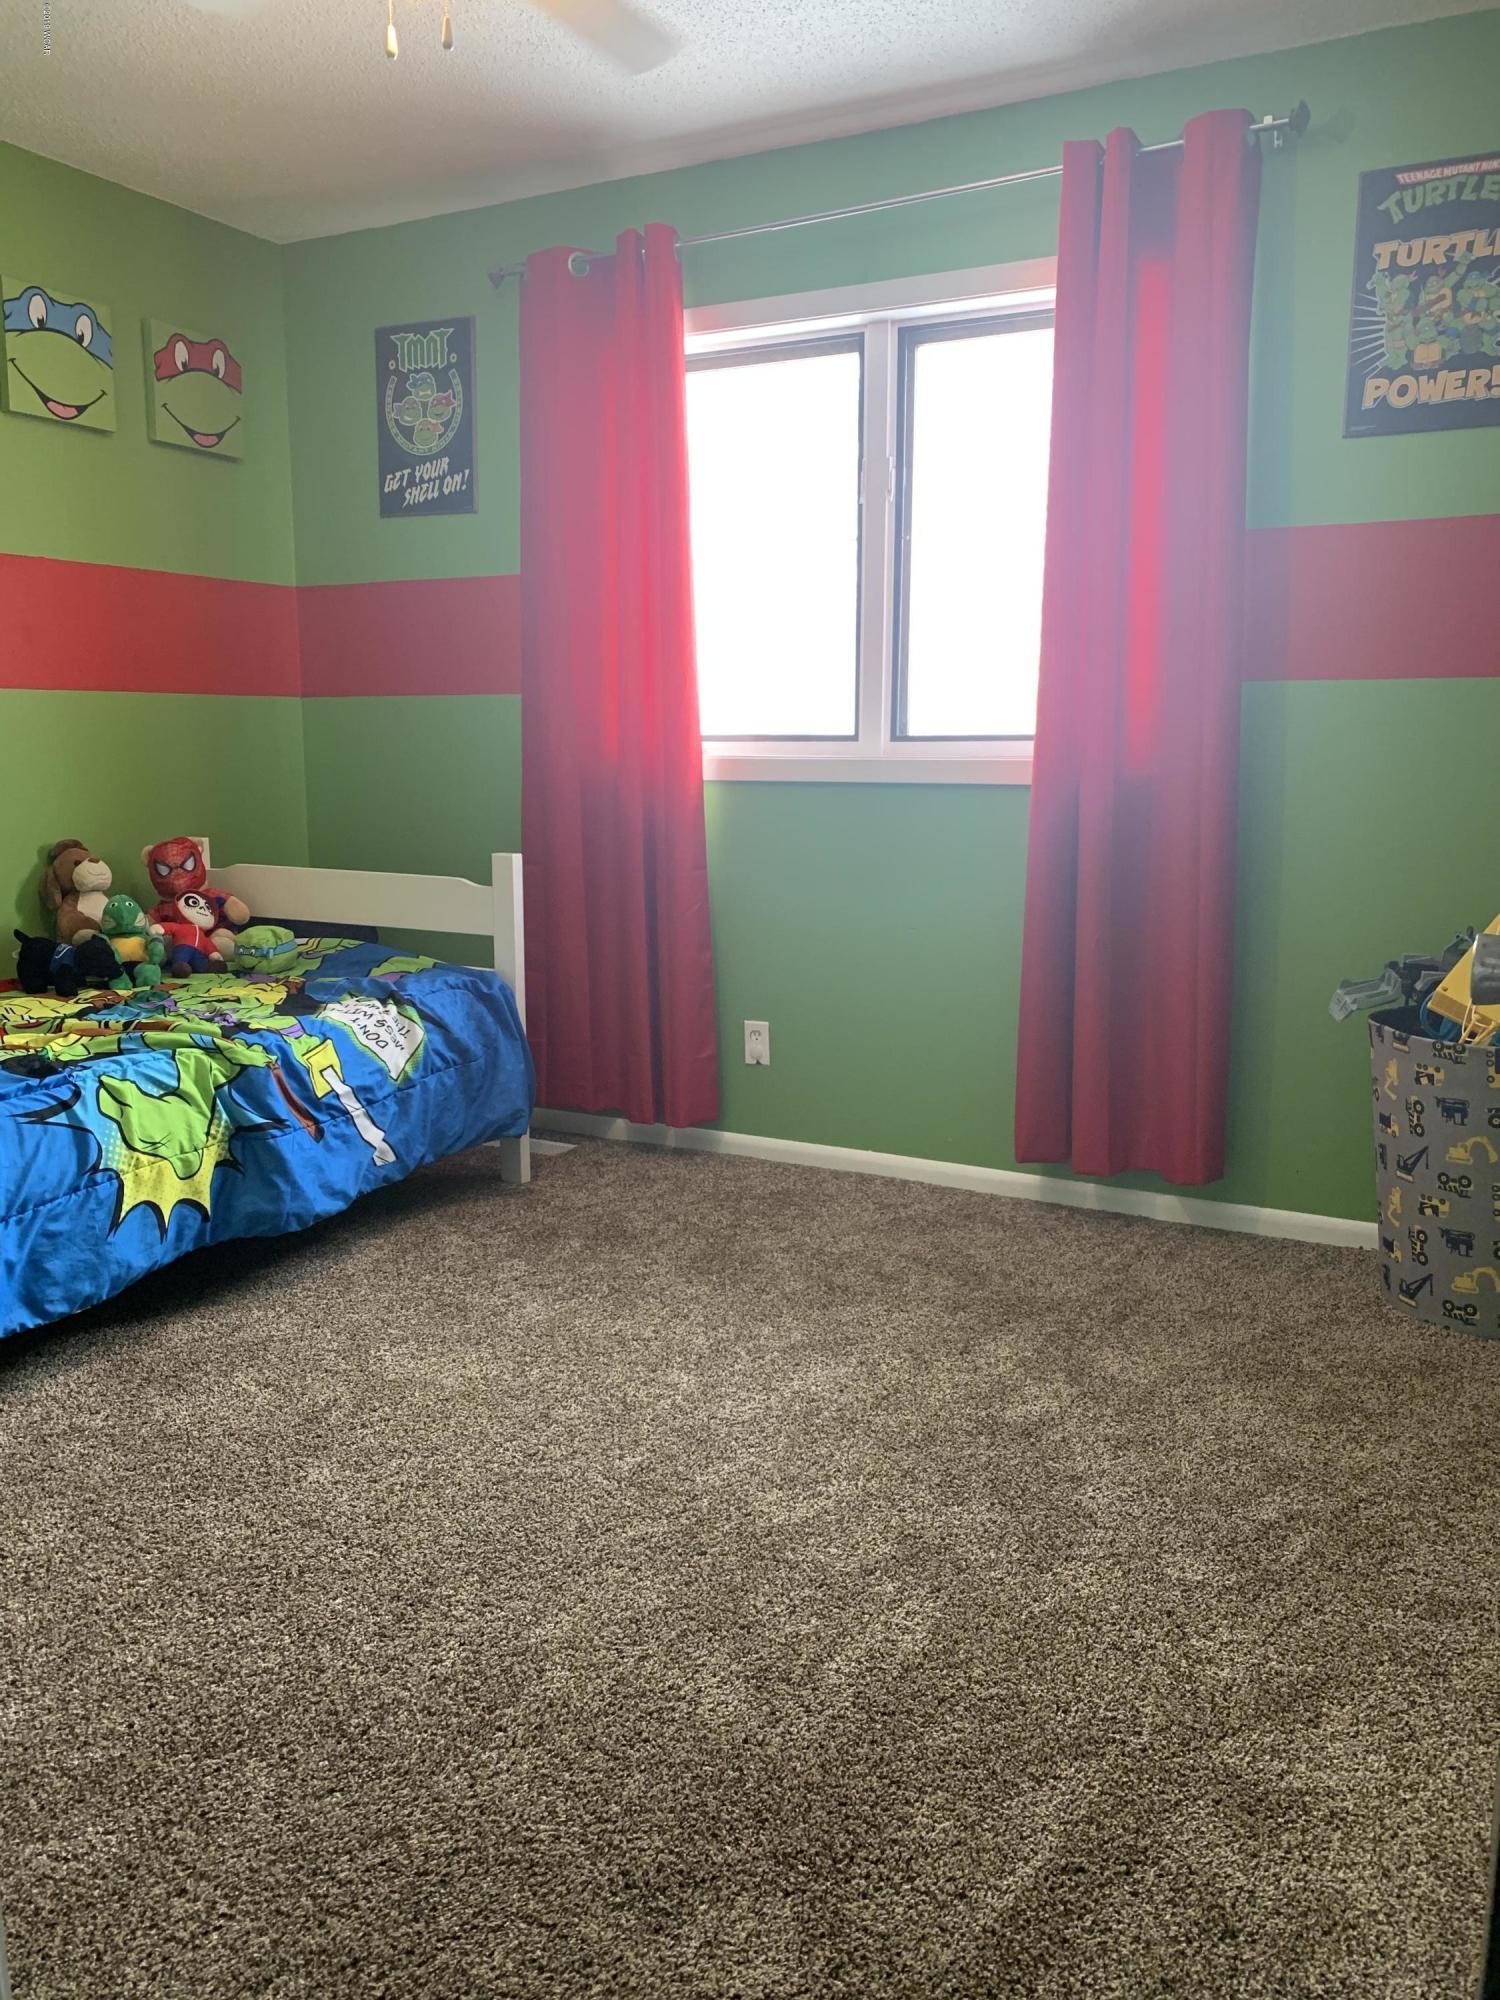 2400 4th Avenue,Willmar,3 Bedrooms Bedrooms,2 BathroomsBathrooms,Single Family,4th Avenue,6033368